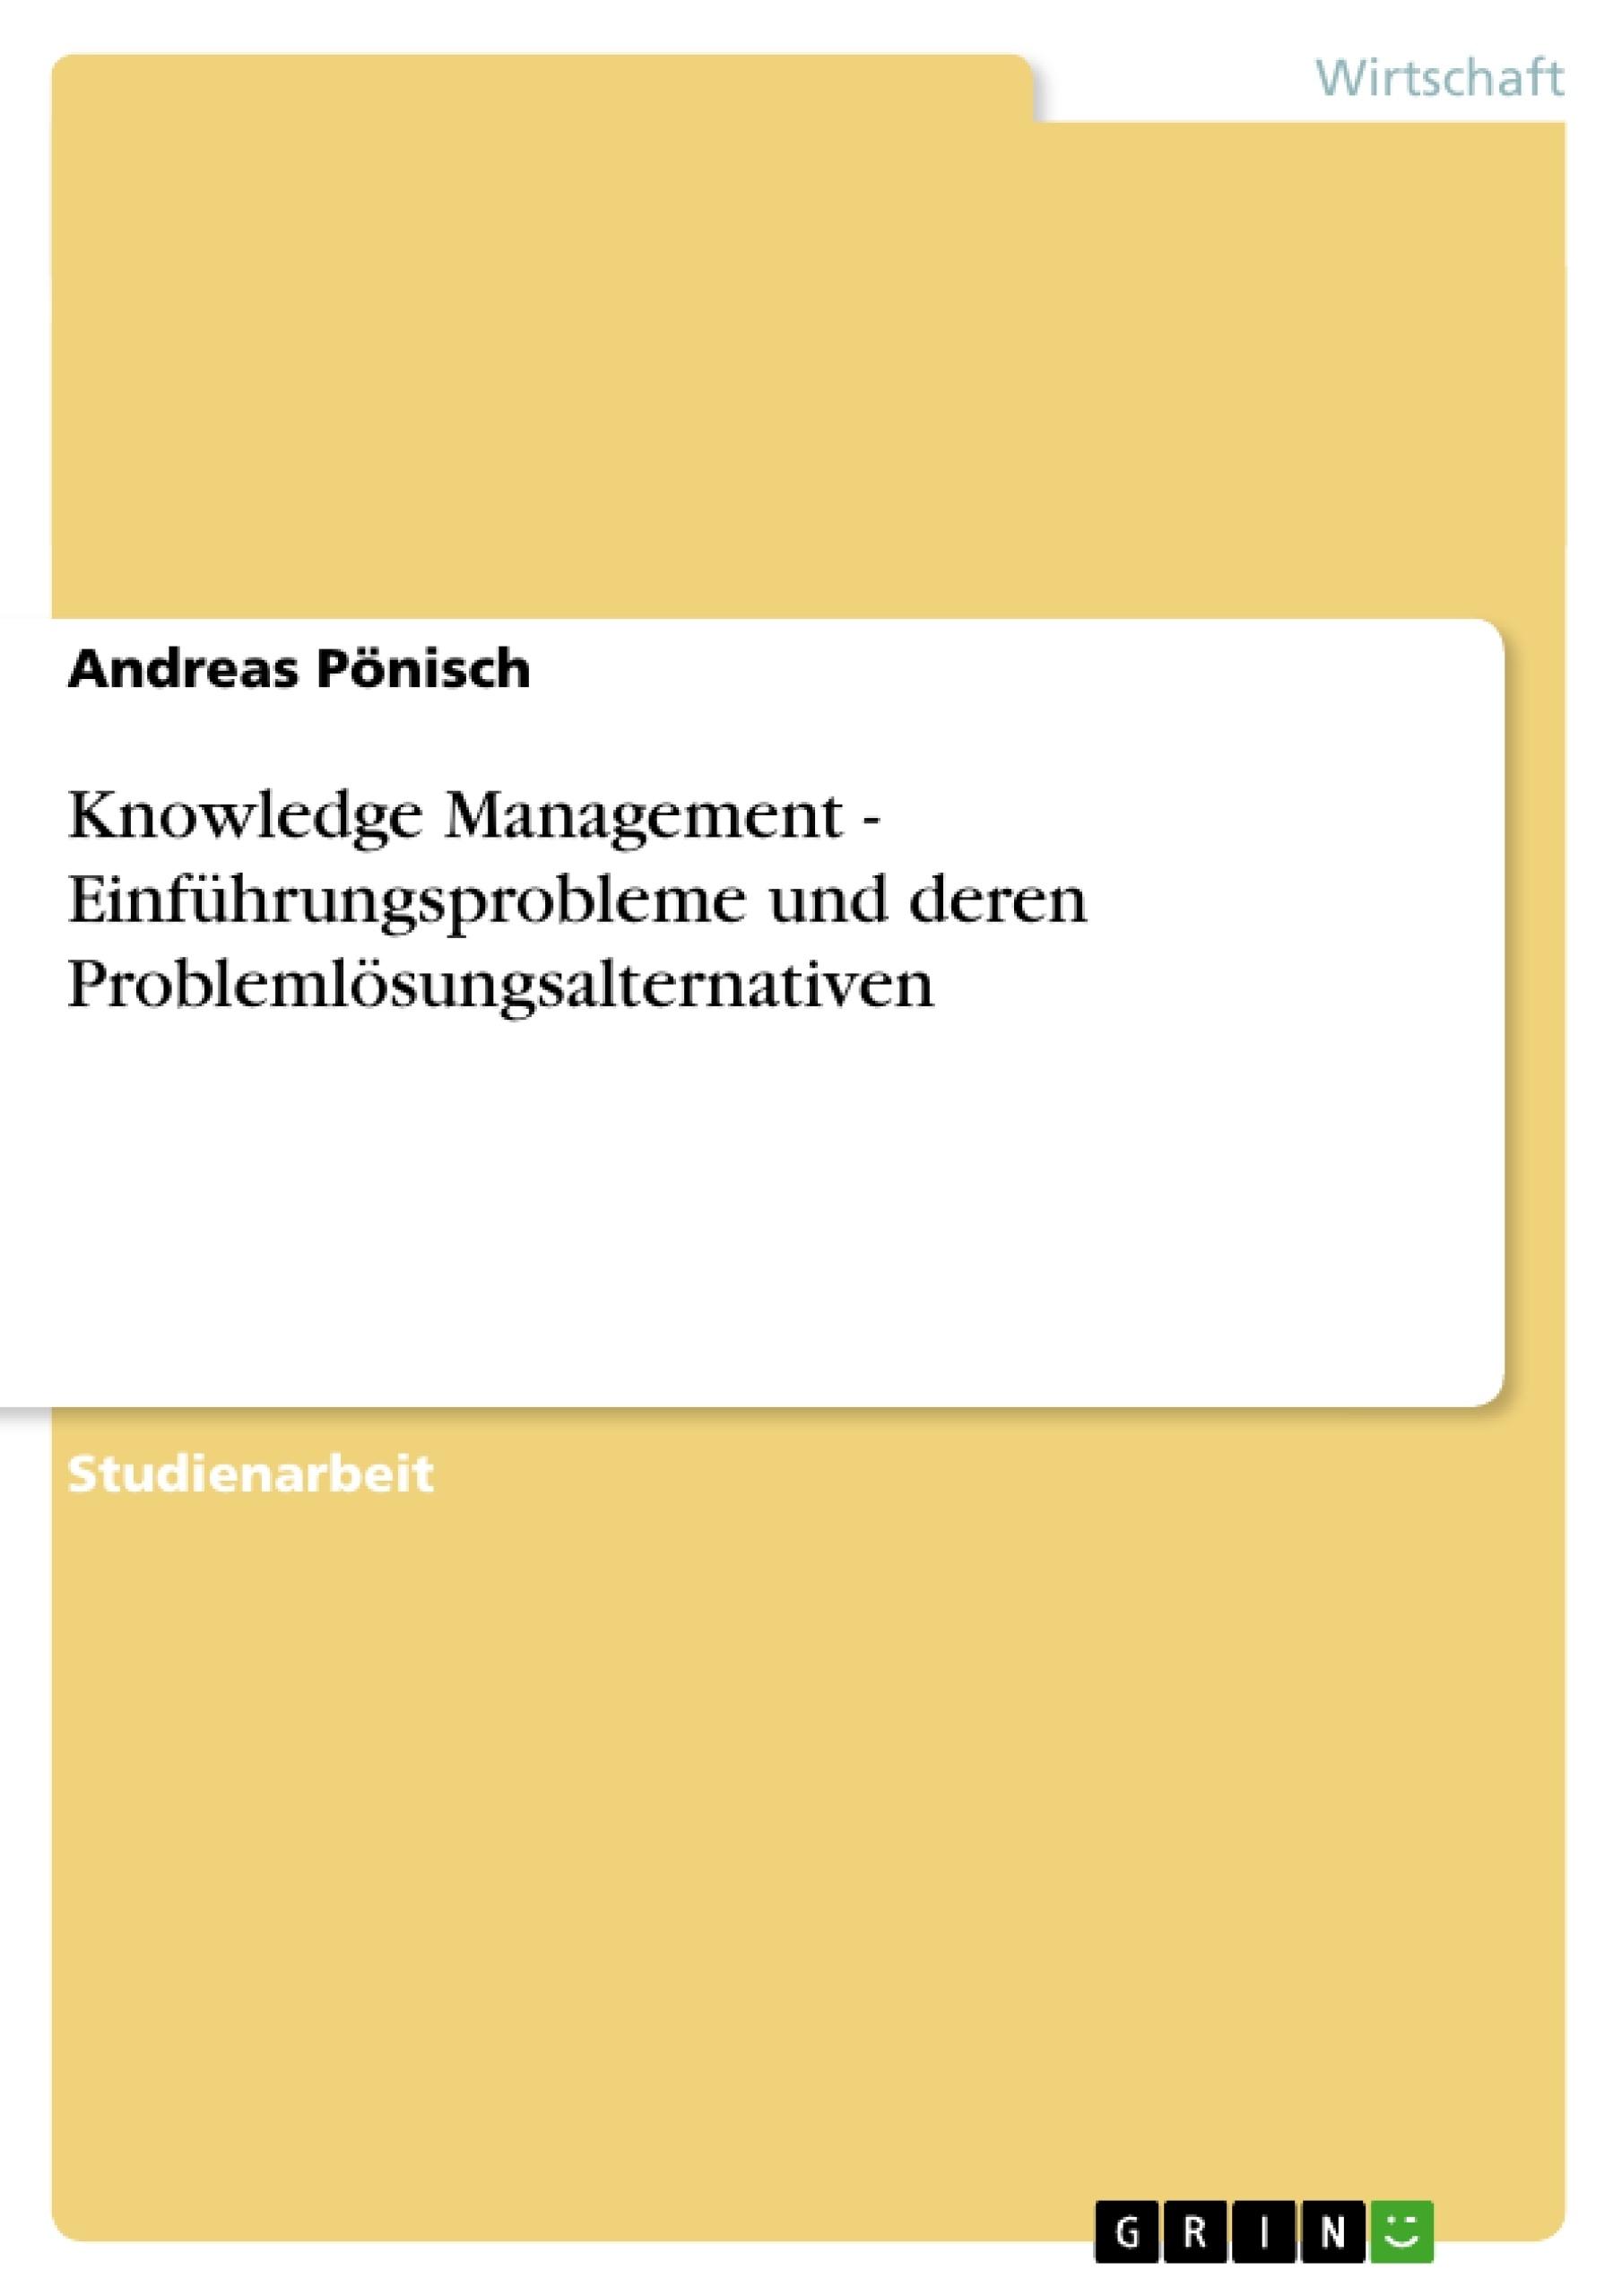 Titel: Knowledge Management - Einführungsprobleme und deren Problemlösungsalternativen